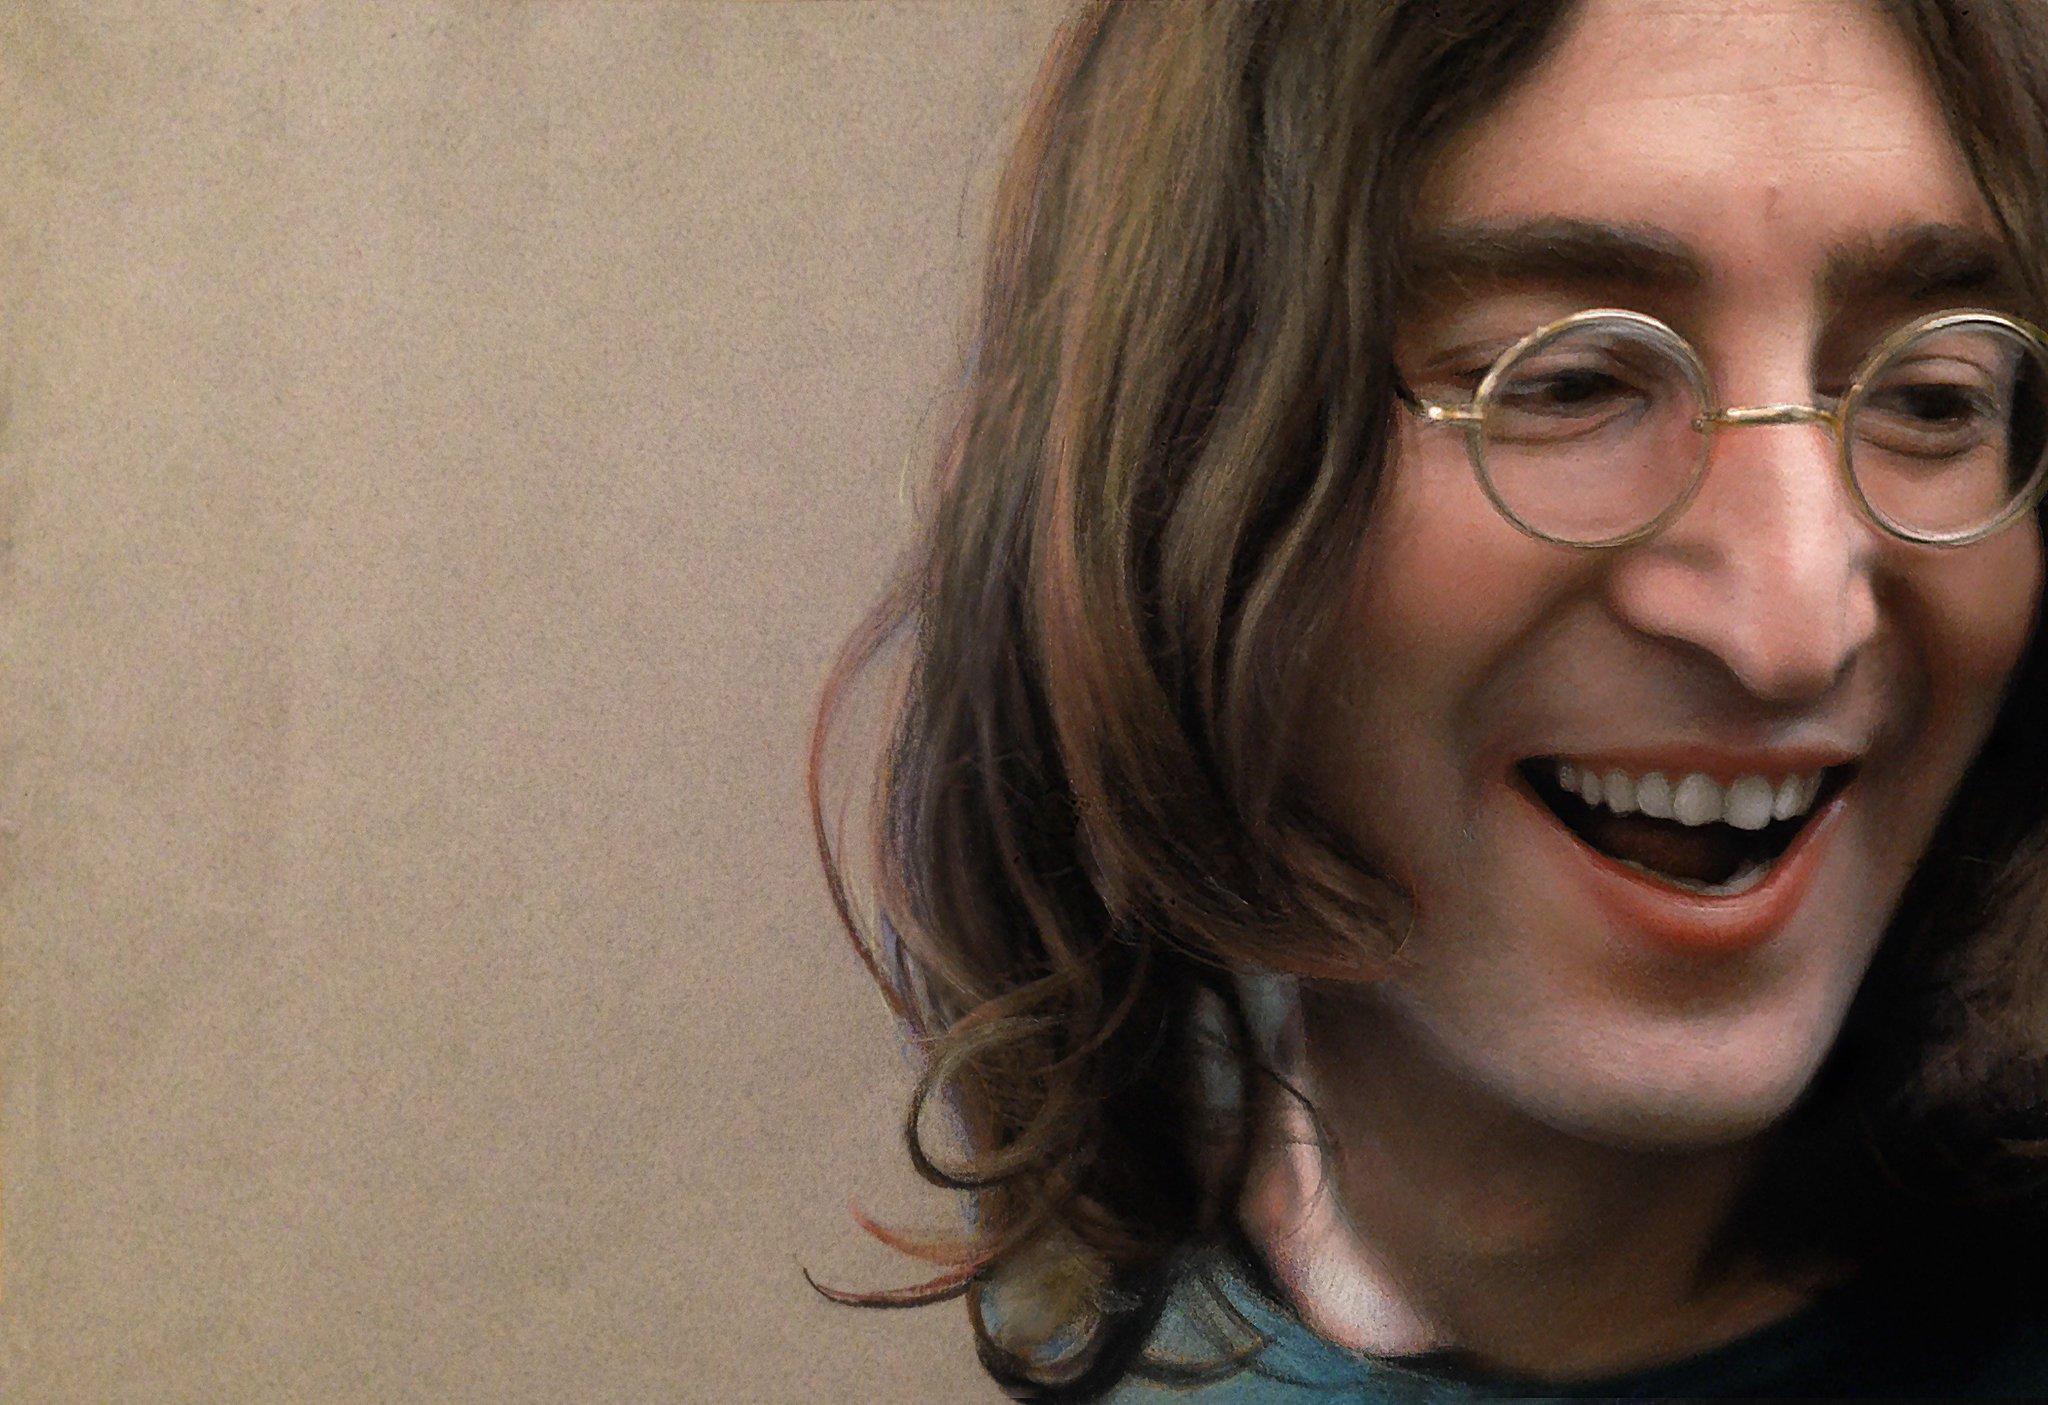 John Lennon cumpliría 78 años https://t.co/fW6DcSz7QF #JohnLennon #años #música #día #historia #figuras https://t.co/Le1rHZb6rG